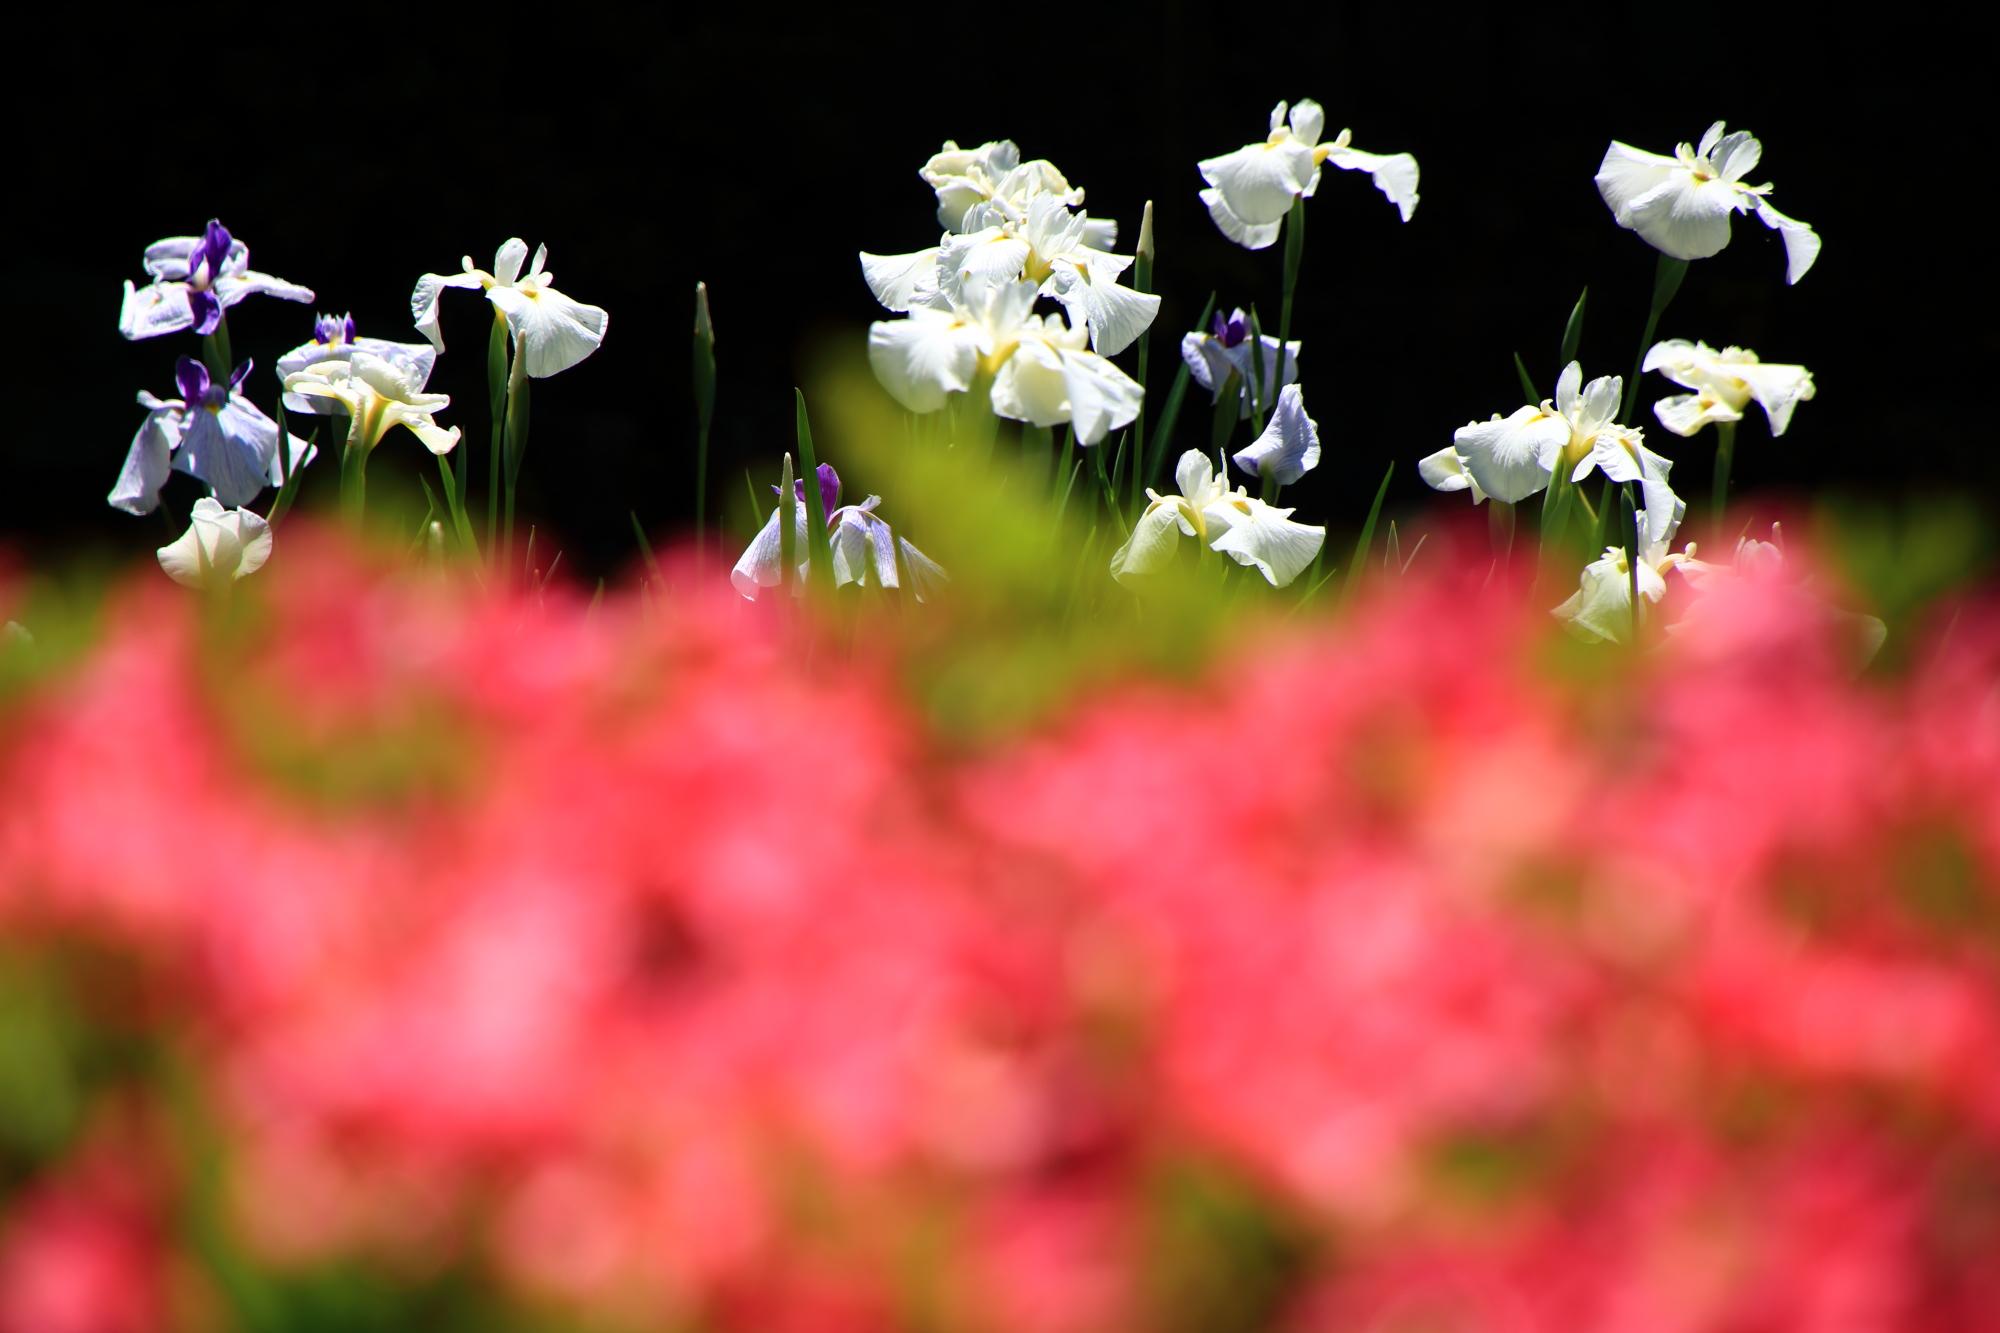 赤いツツジの向こうで元気に咲く白い花菖蒲